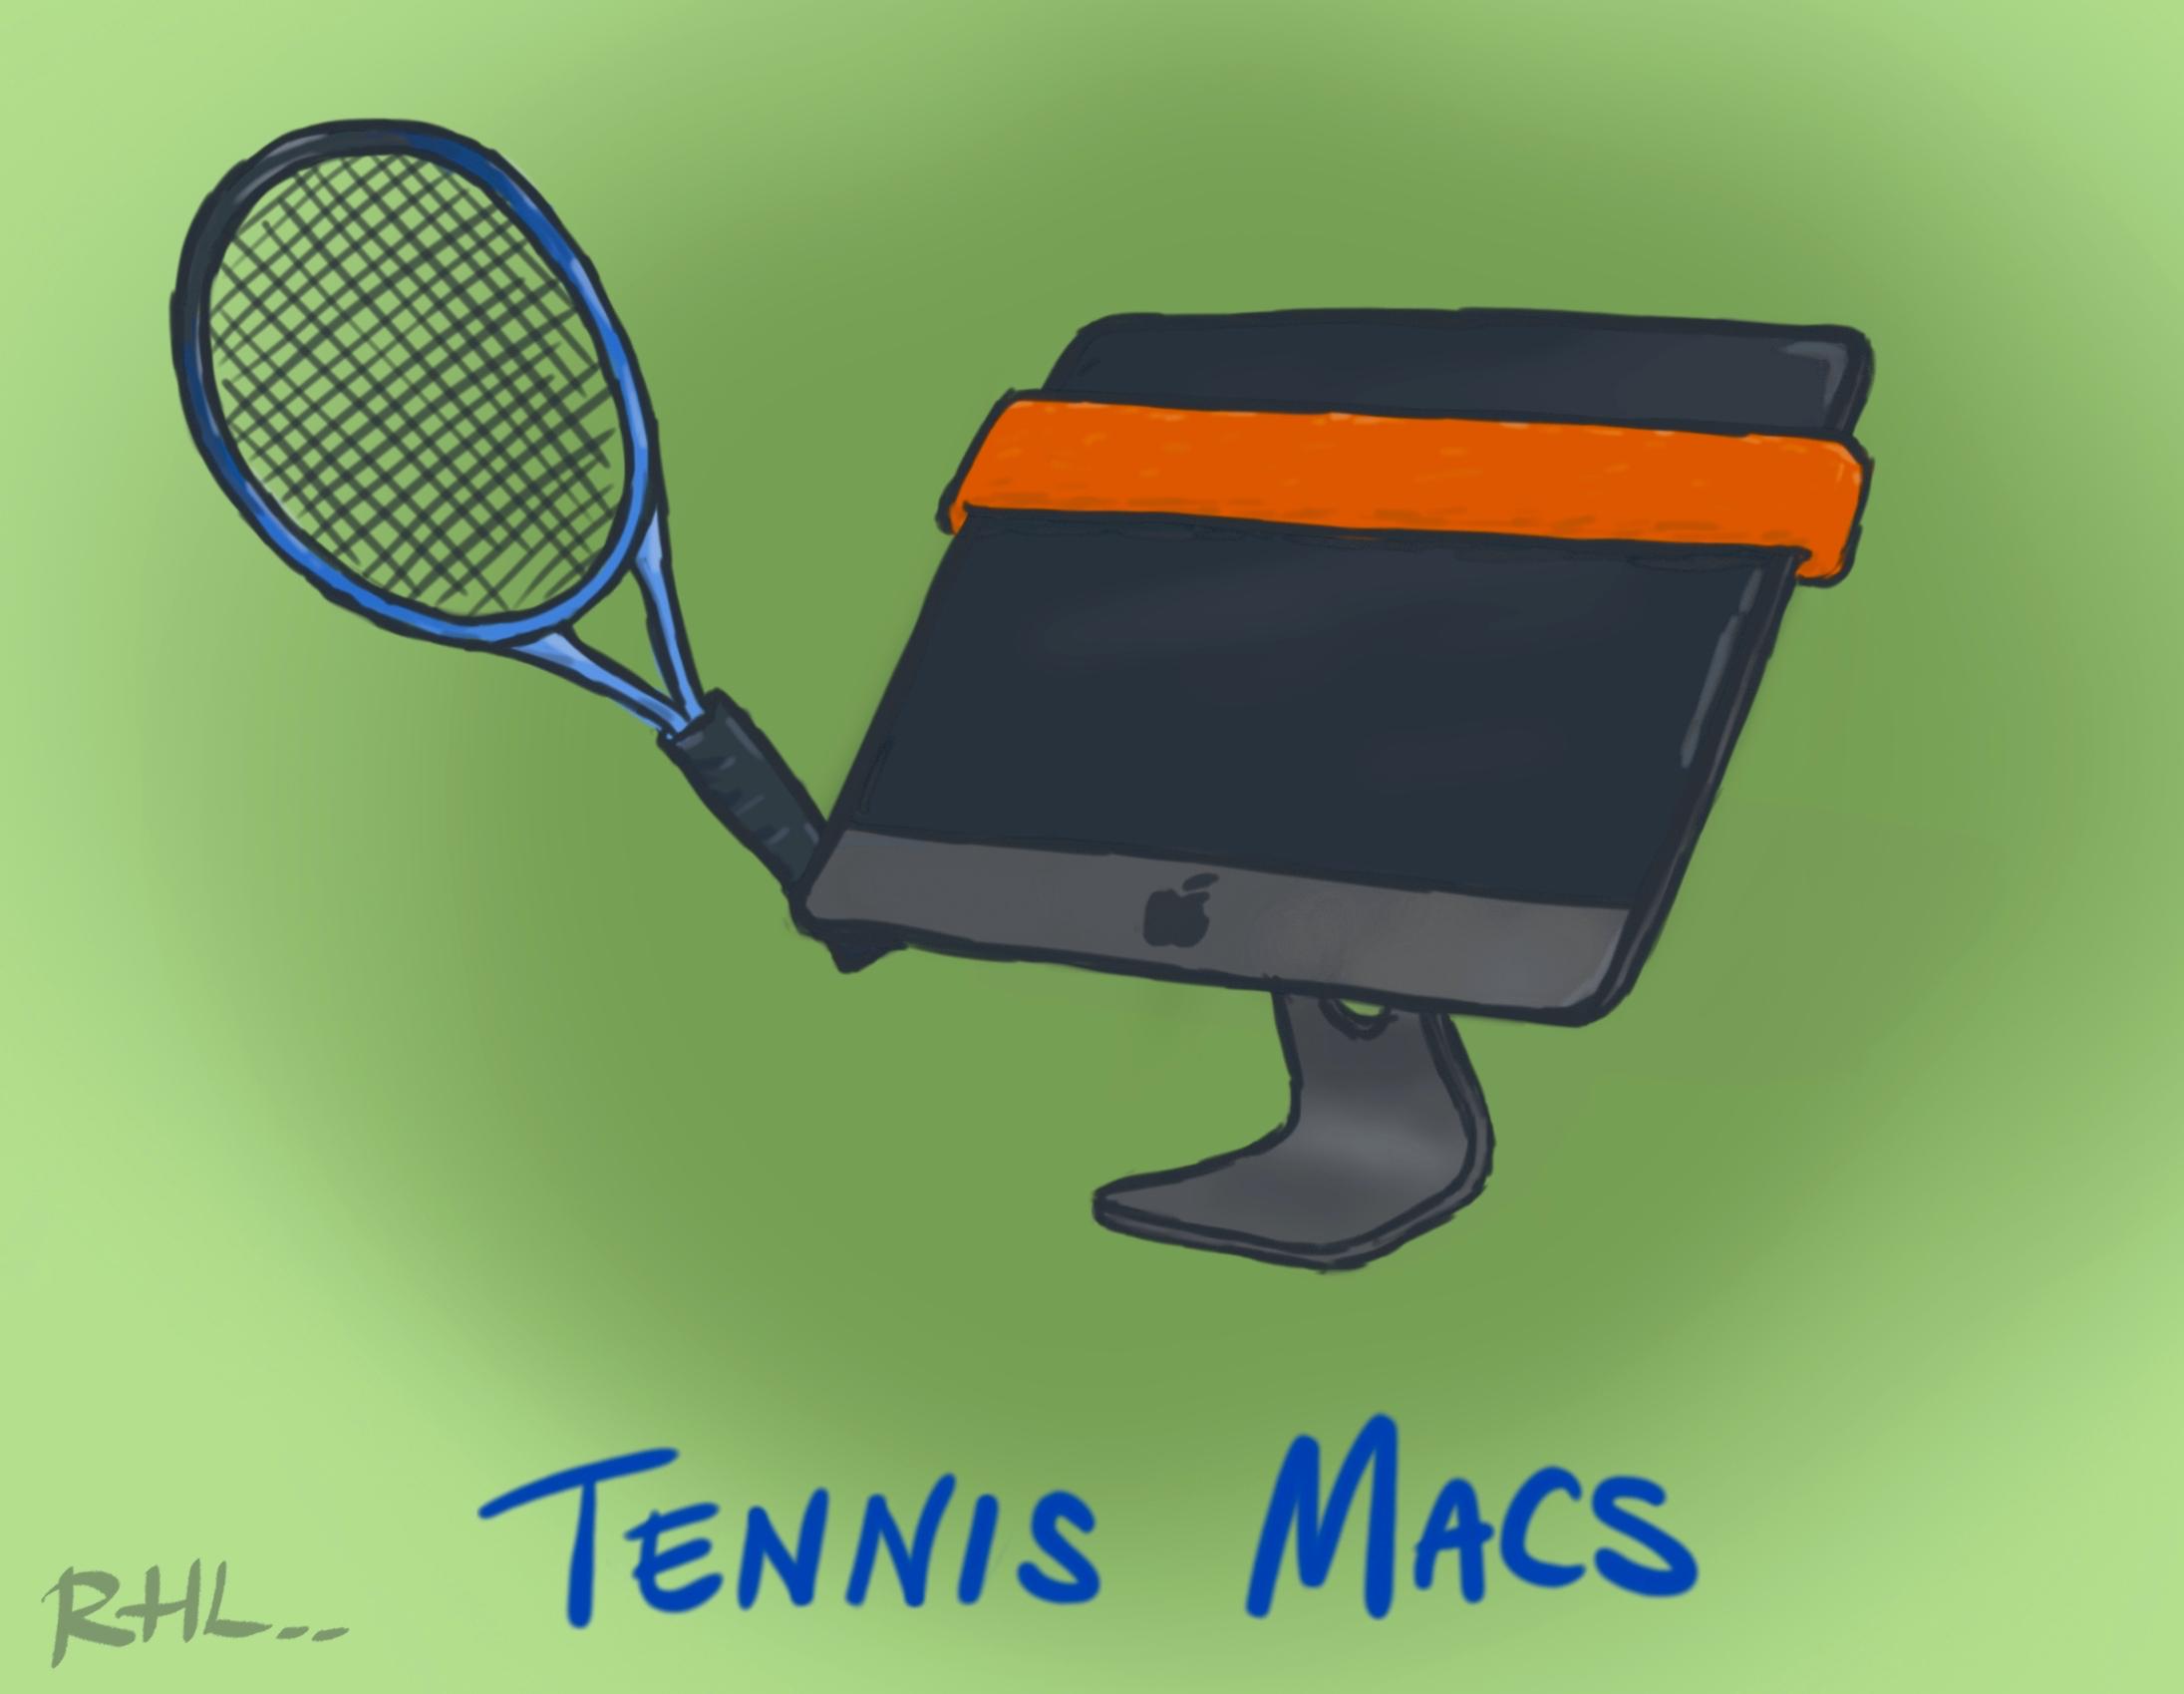 Tennis Macs